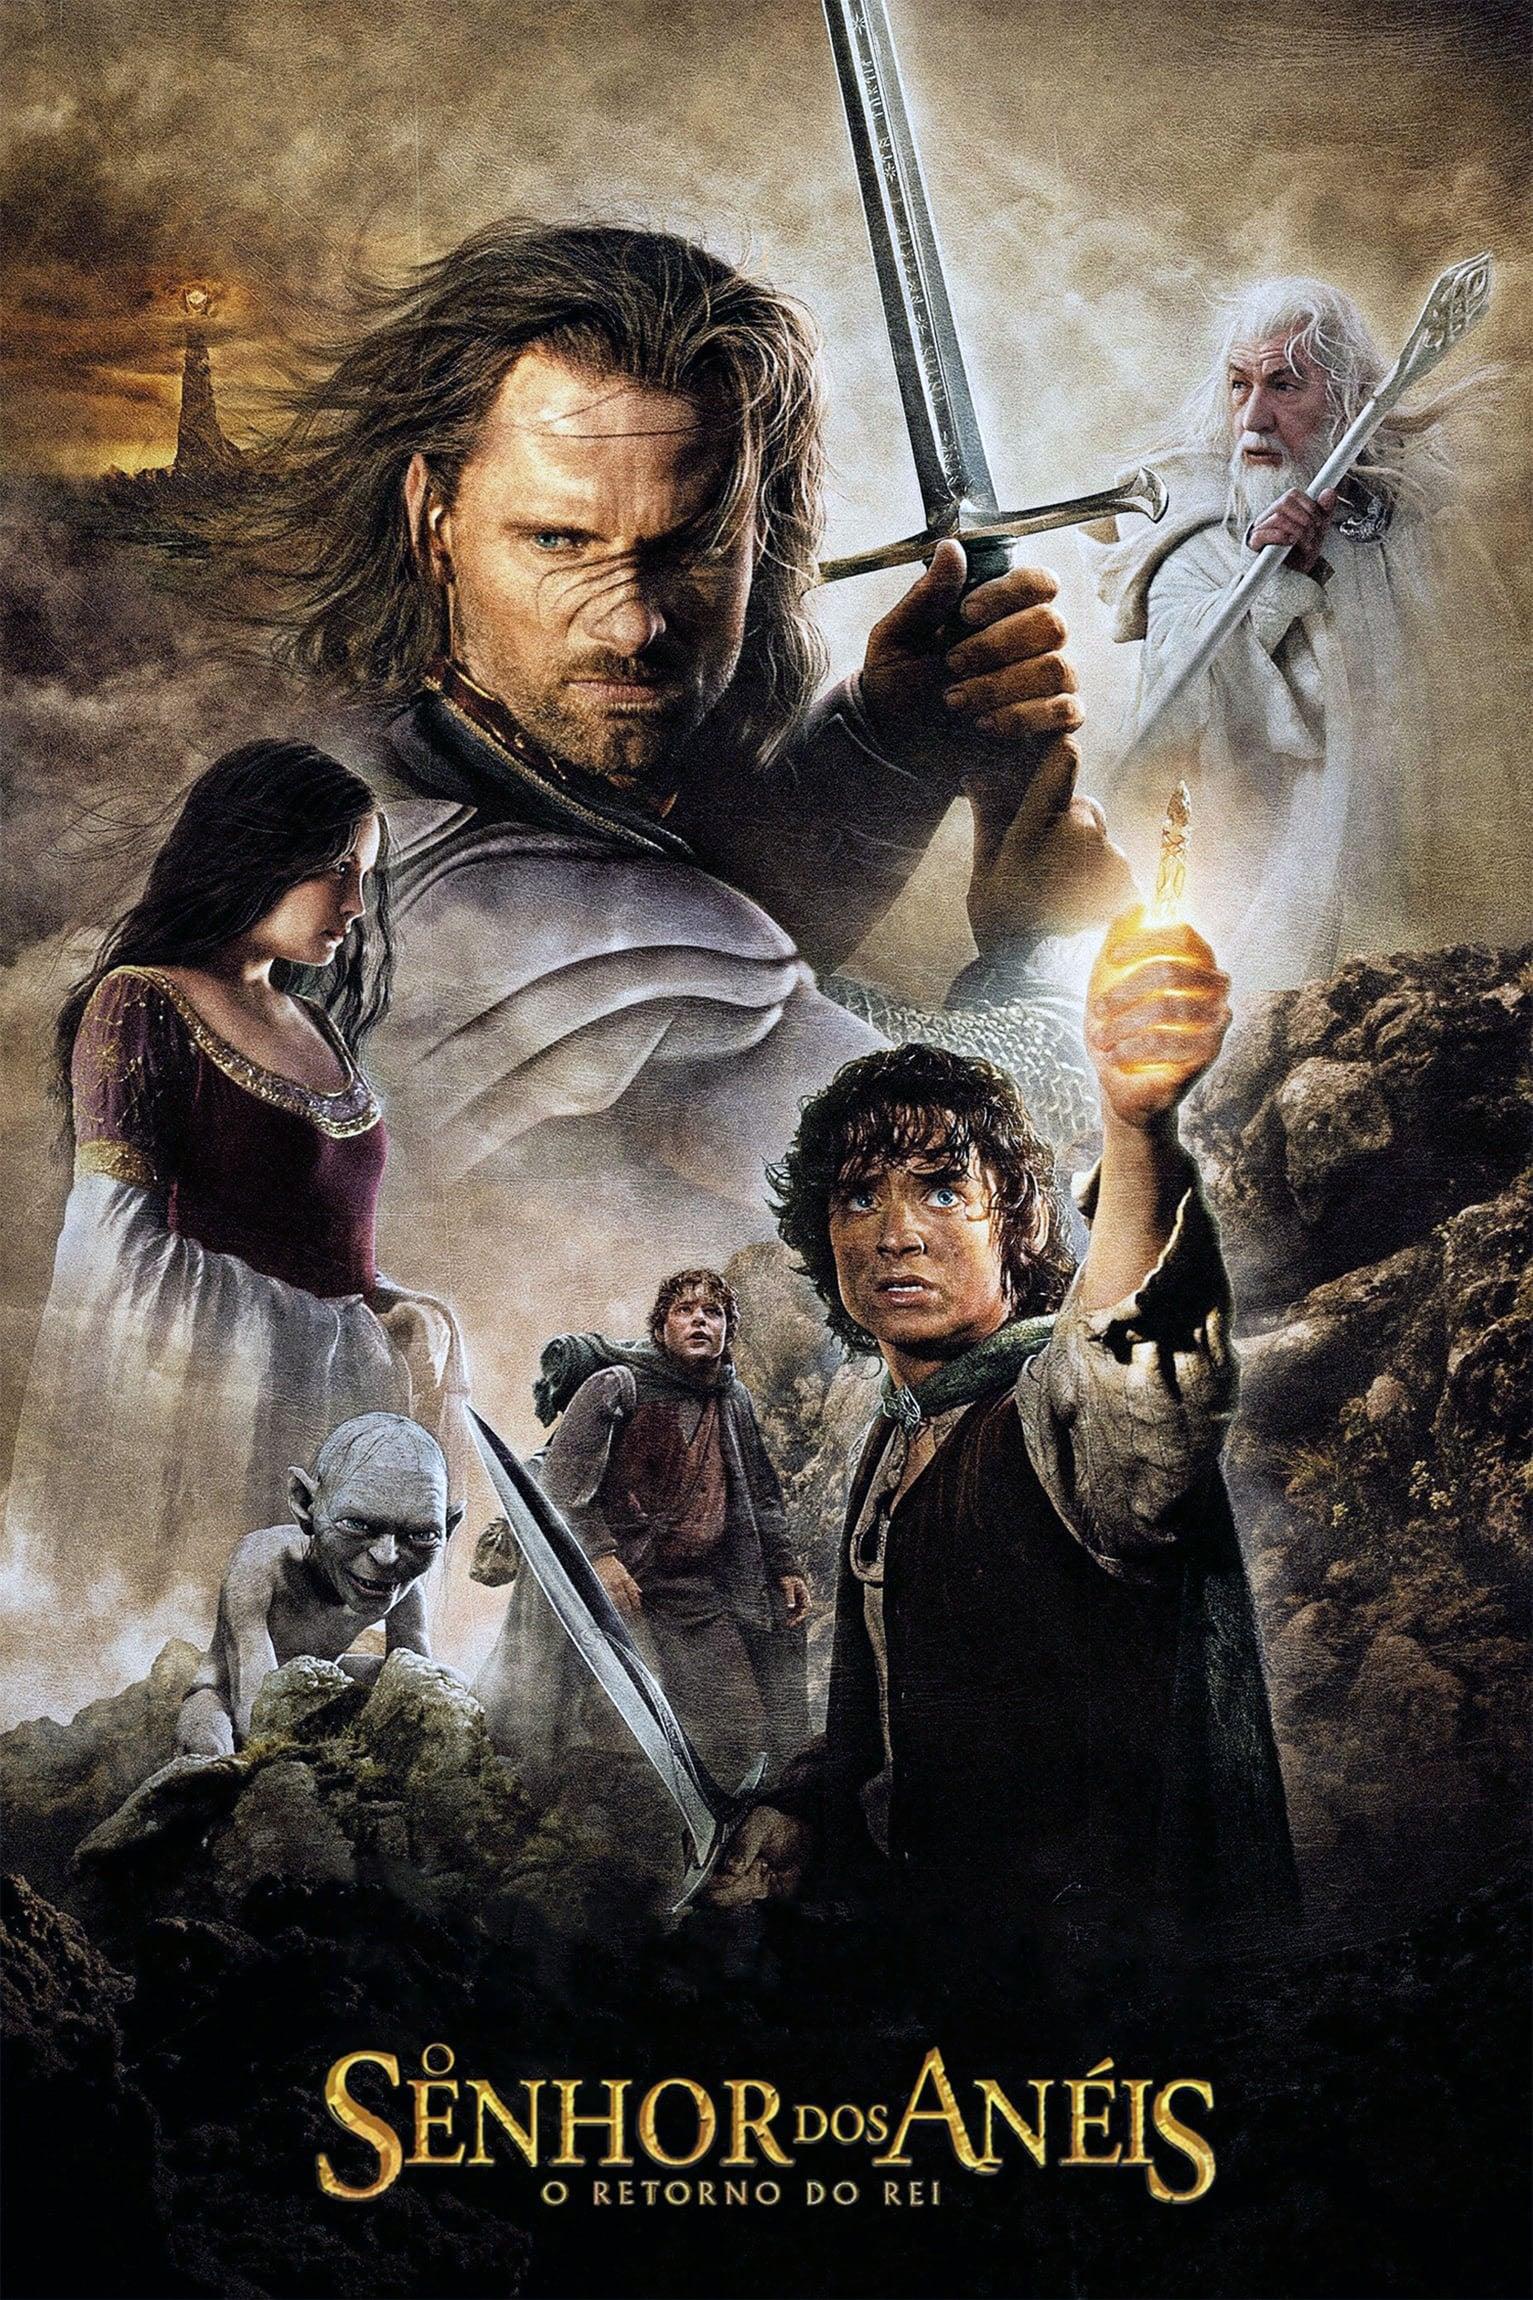 Image O Senhor dos Anéis: O Retorno do Rei